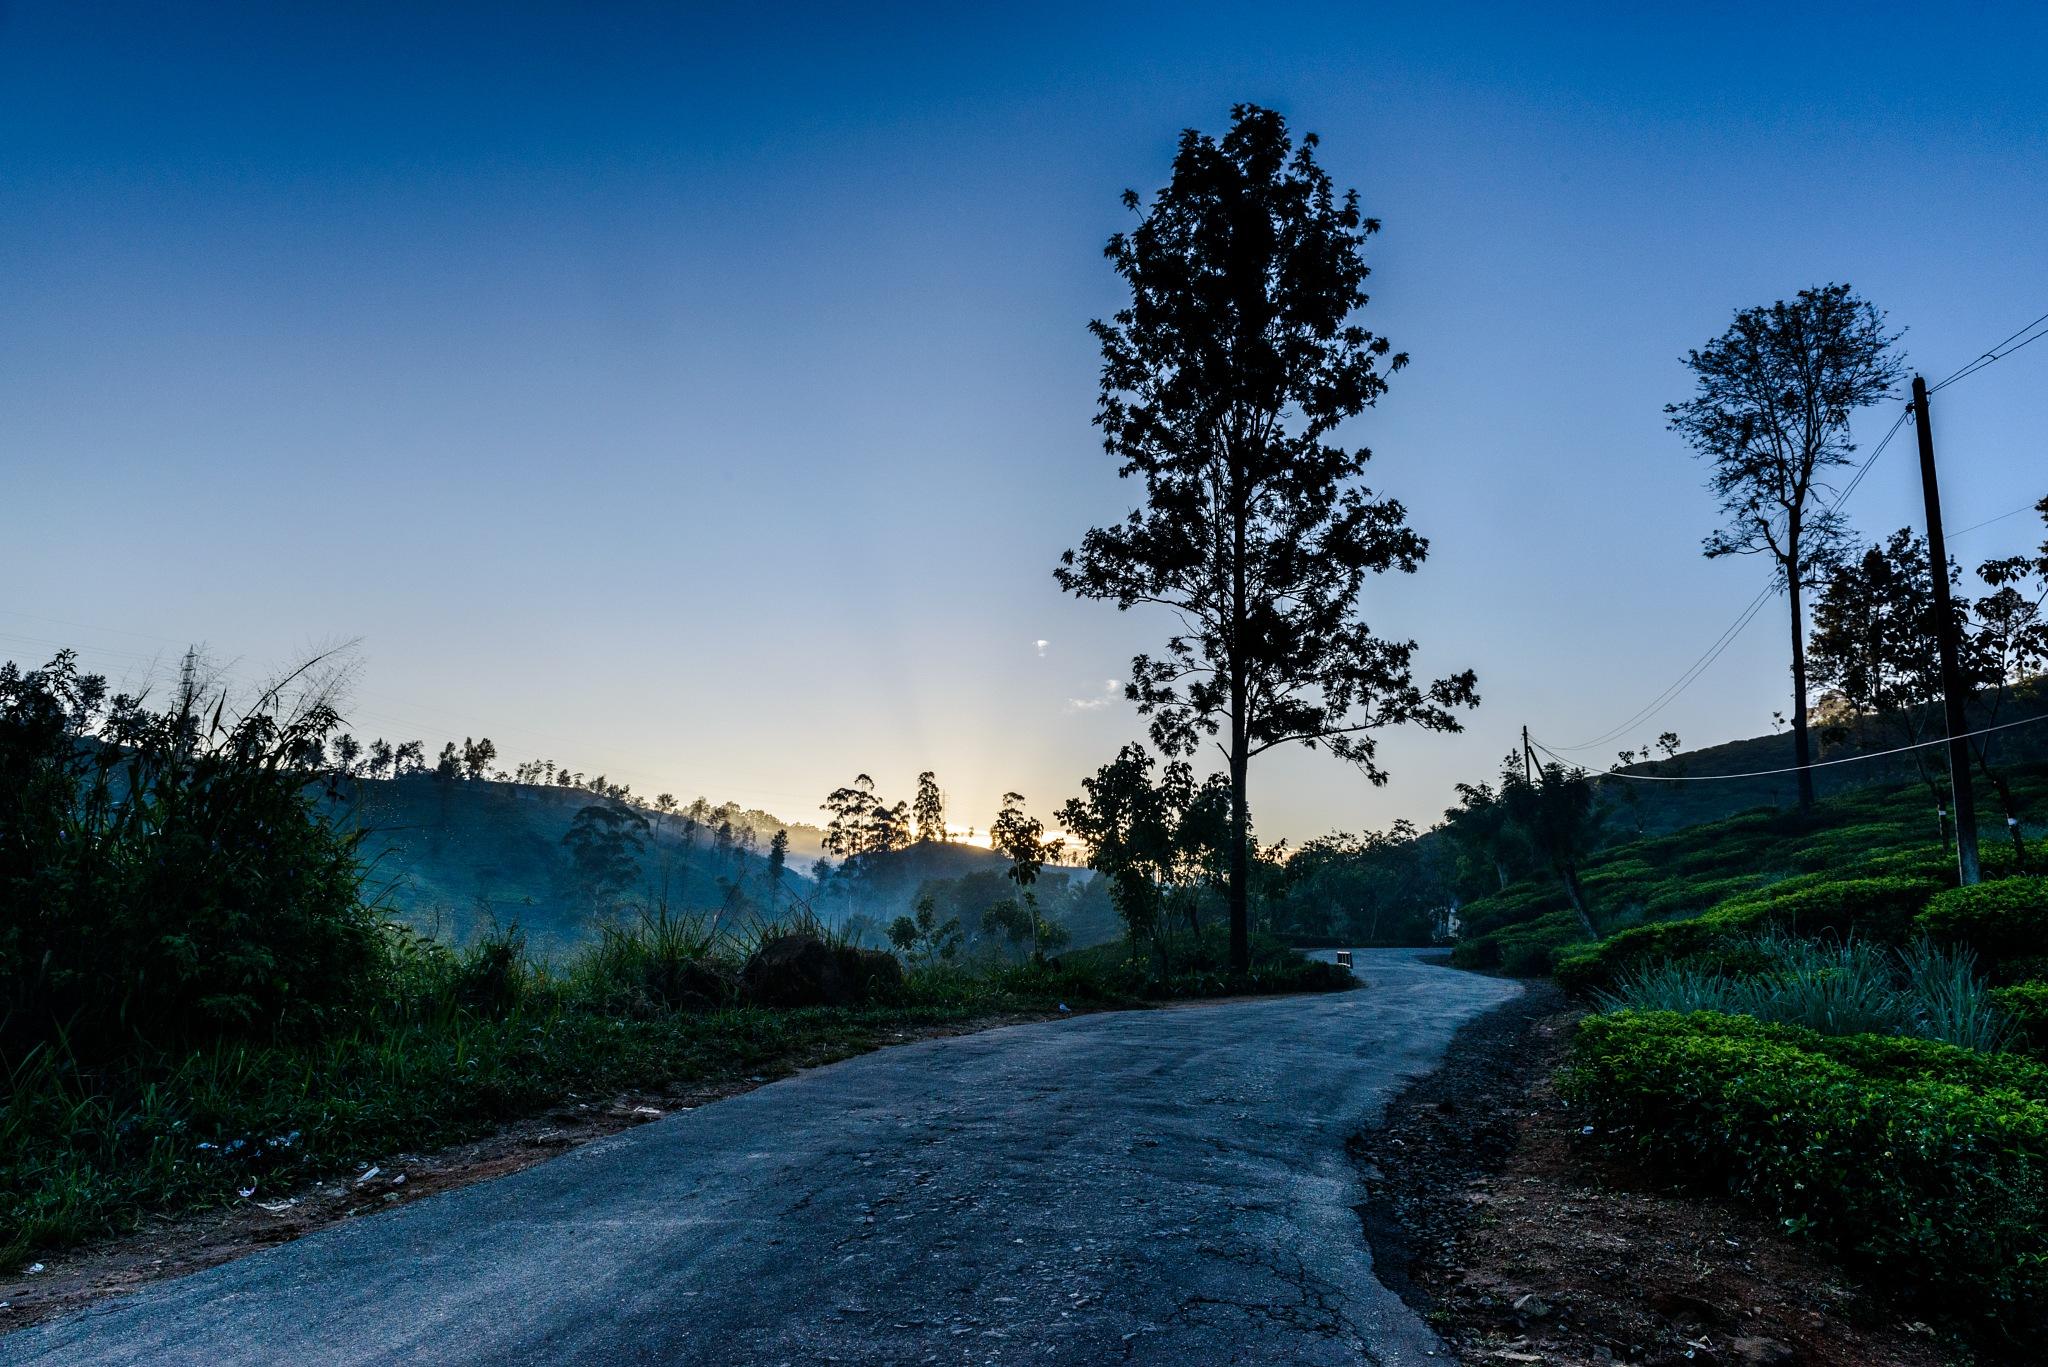 Sunrise at Sri Pada - tea plantation - 5 by klchin66